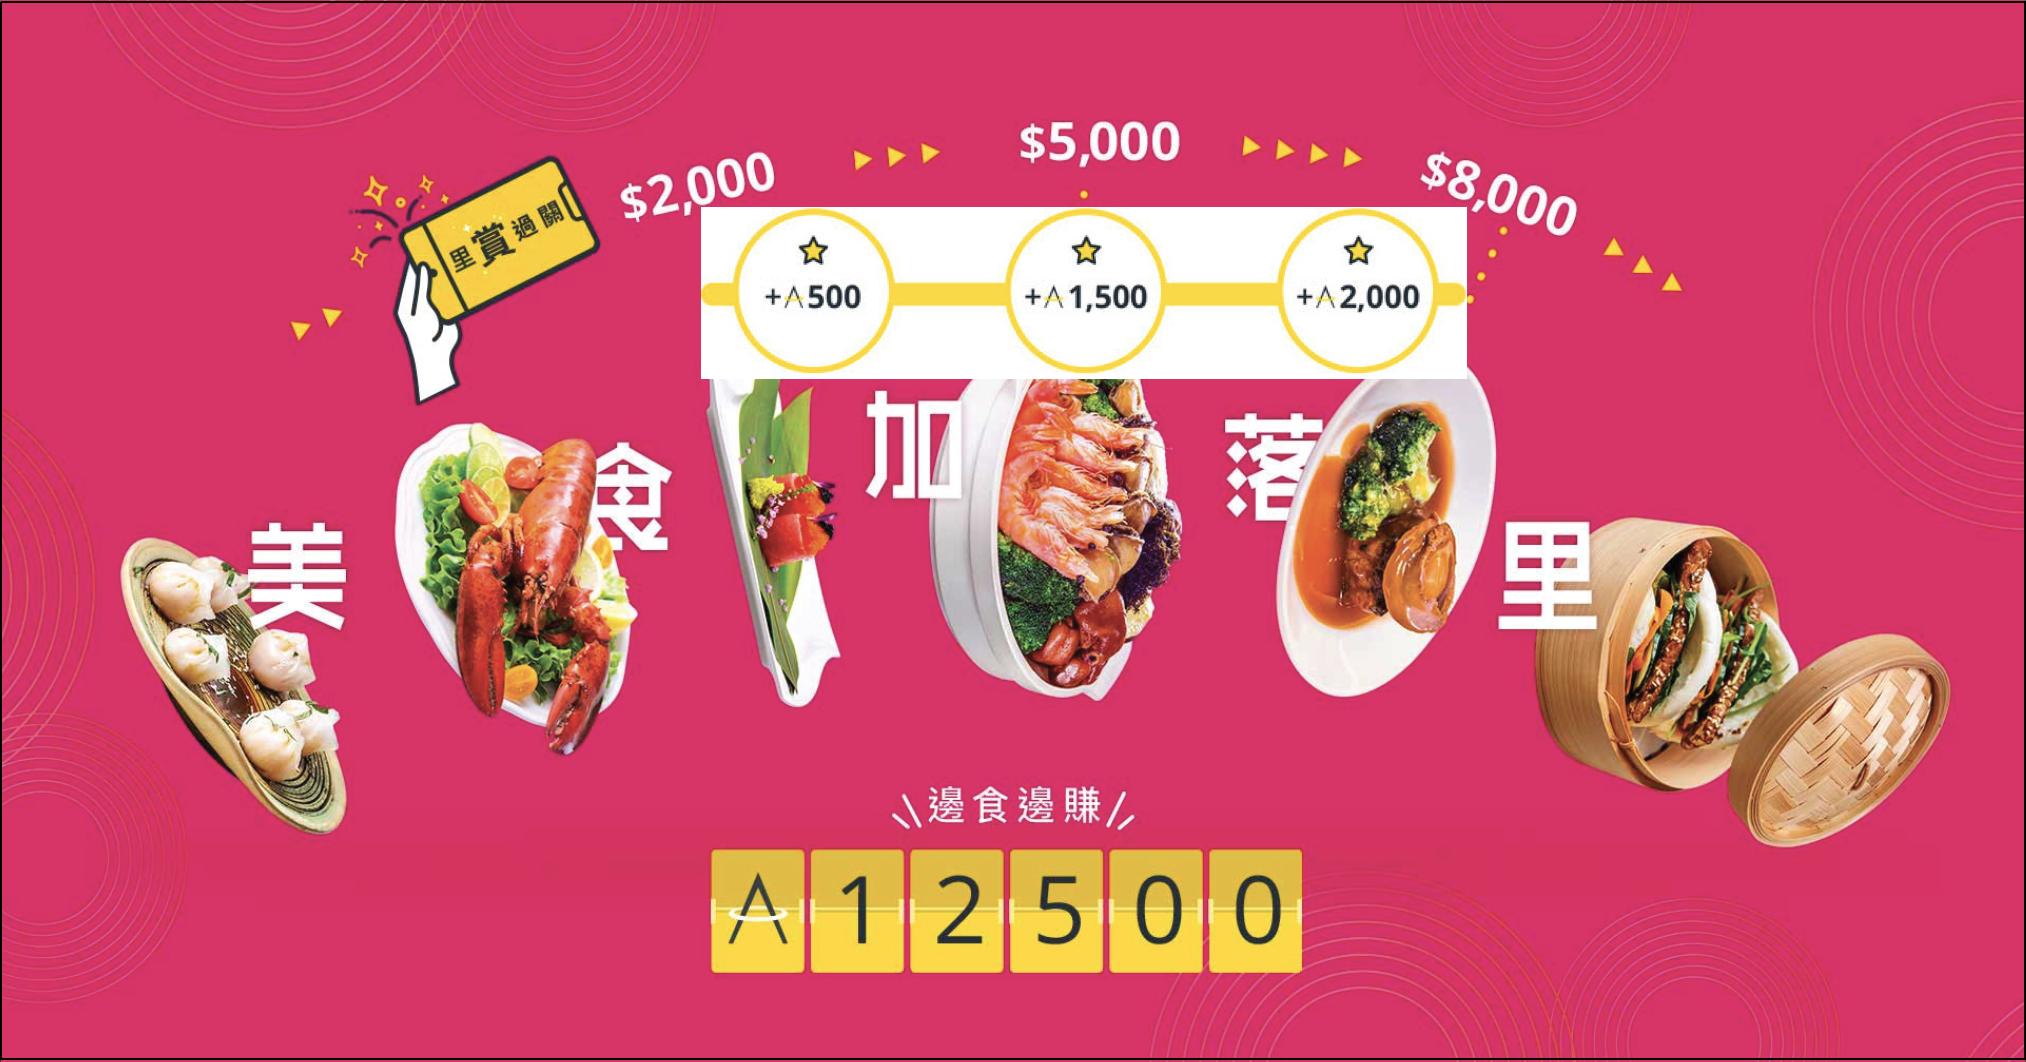 里賞過關美食加落里!賺取高達12,500額外亞洲萬里通里數!